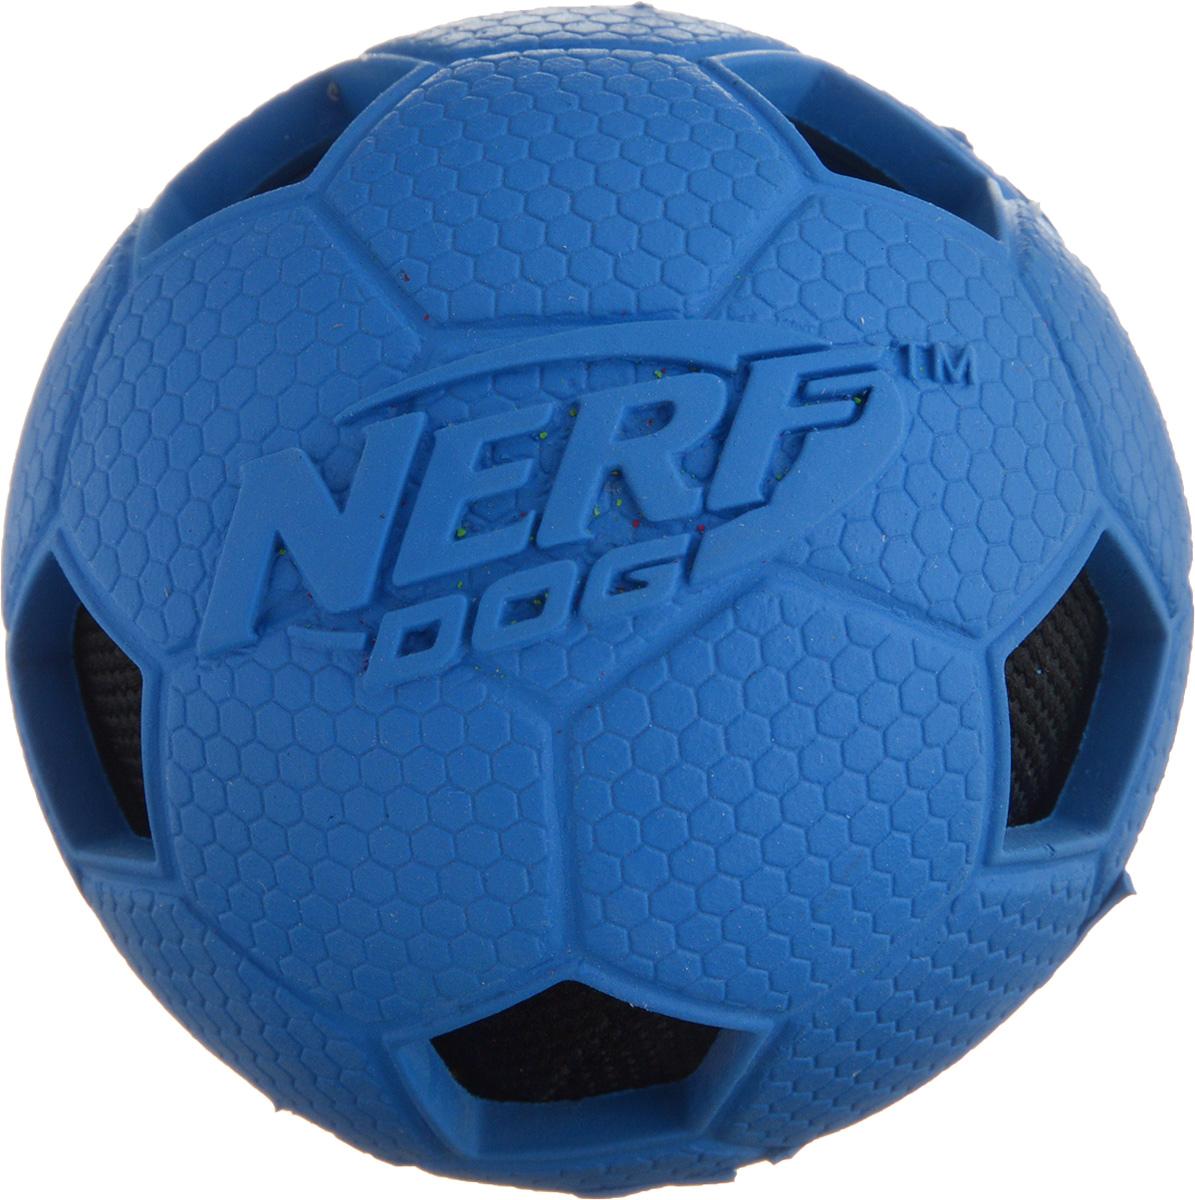 Игрушка для собак Nerf Мяч футбольный, диаметр 6 см мягкие игрушки дерево счастья игрушка антистресс футбольный мяч